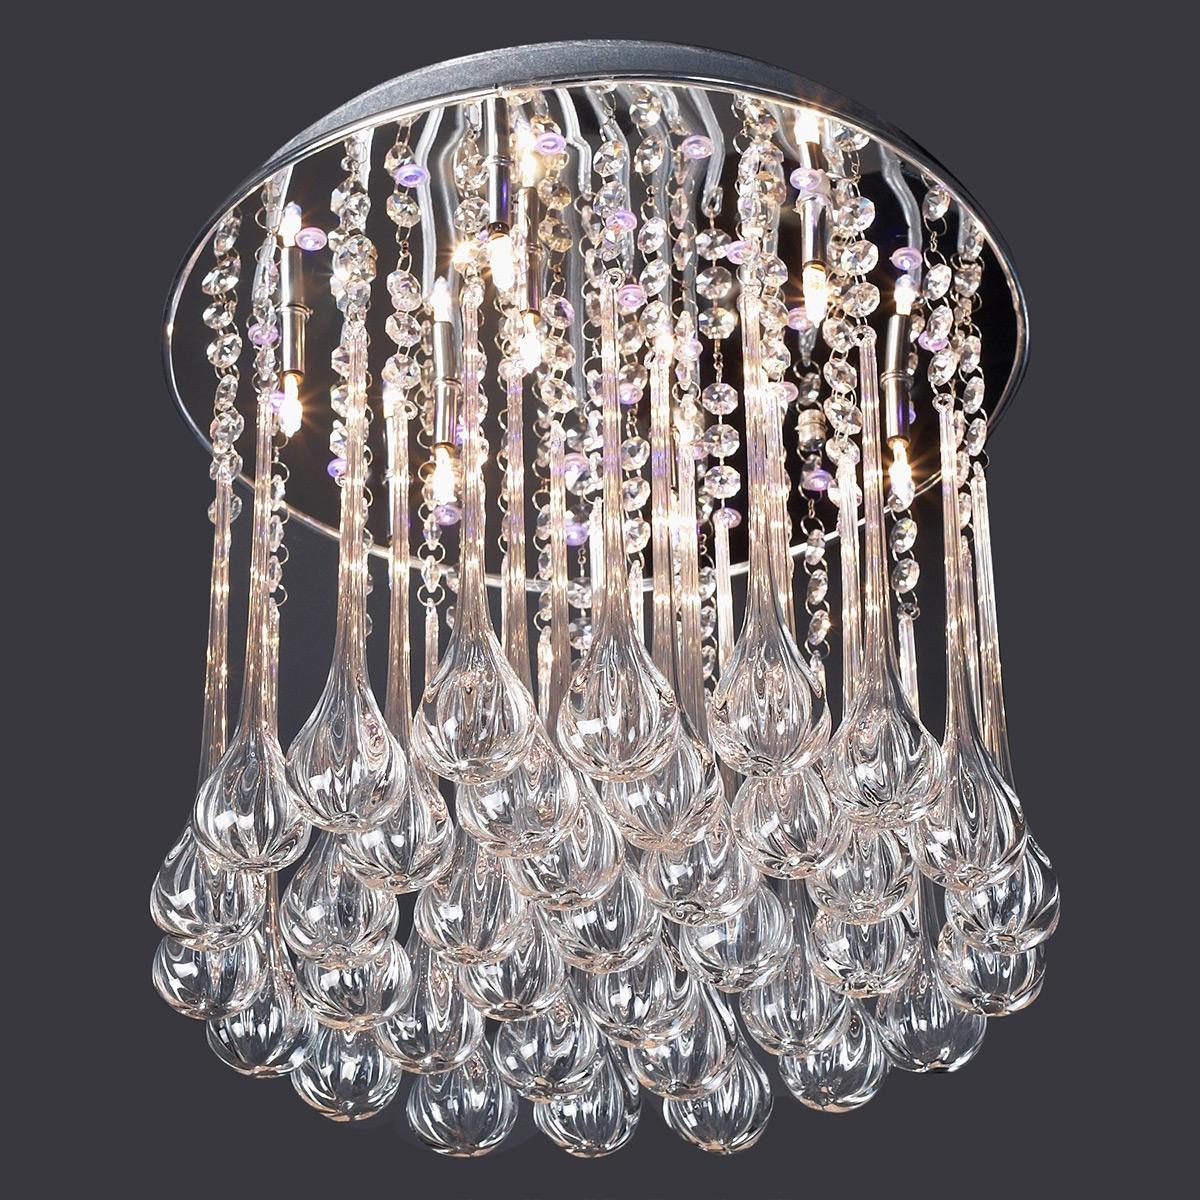 Incredible Impressive Unique Crystal Chandeliers Lighting Unique Regarding Crystal Chandeliers (#8 of 12)